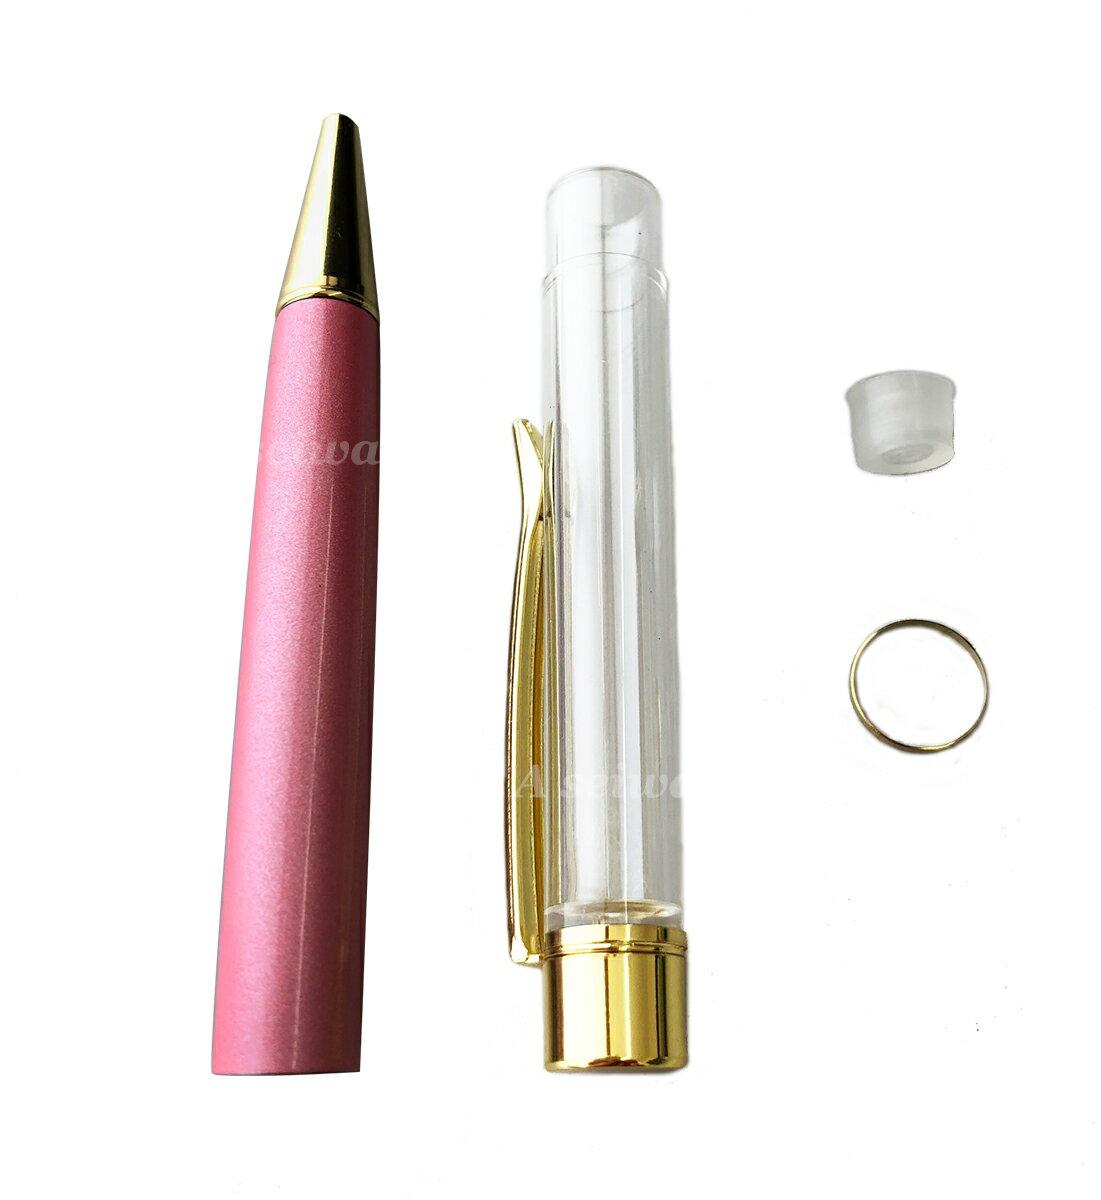 ハーバリウム ボールペン 本体 自作 手作り キット カスタマイズ オリジナル (ピンク/A00939)